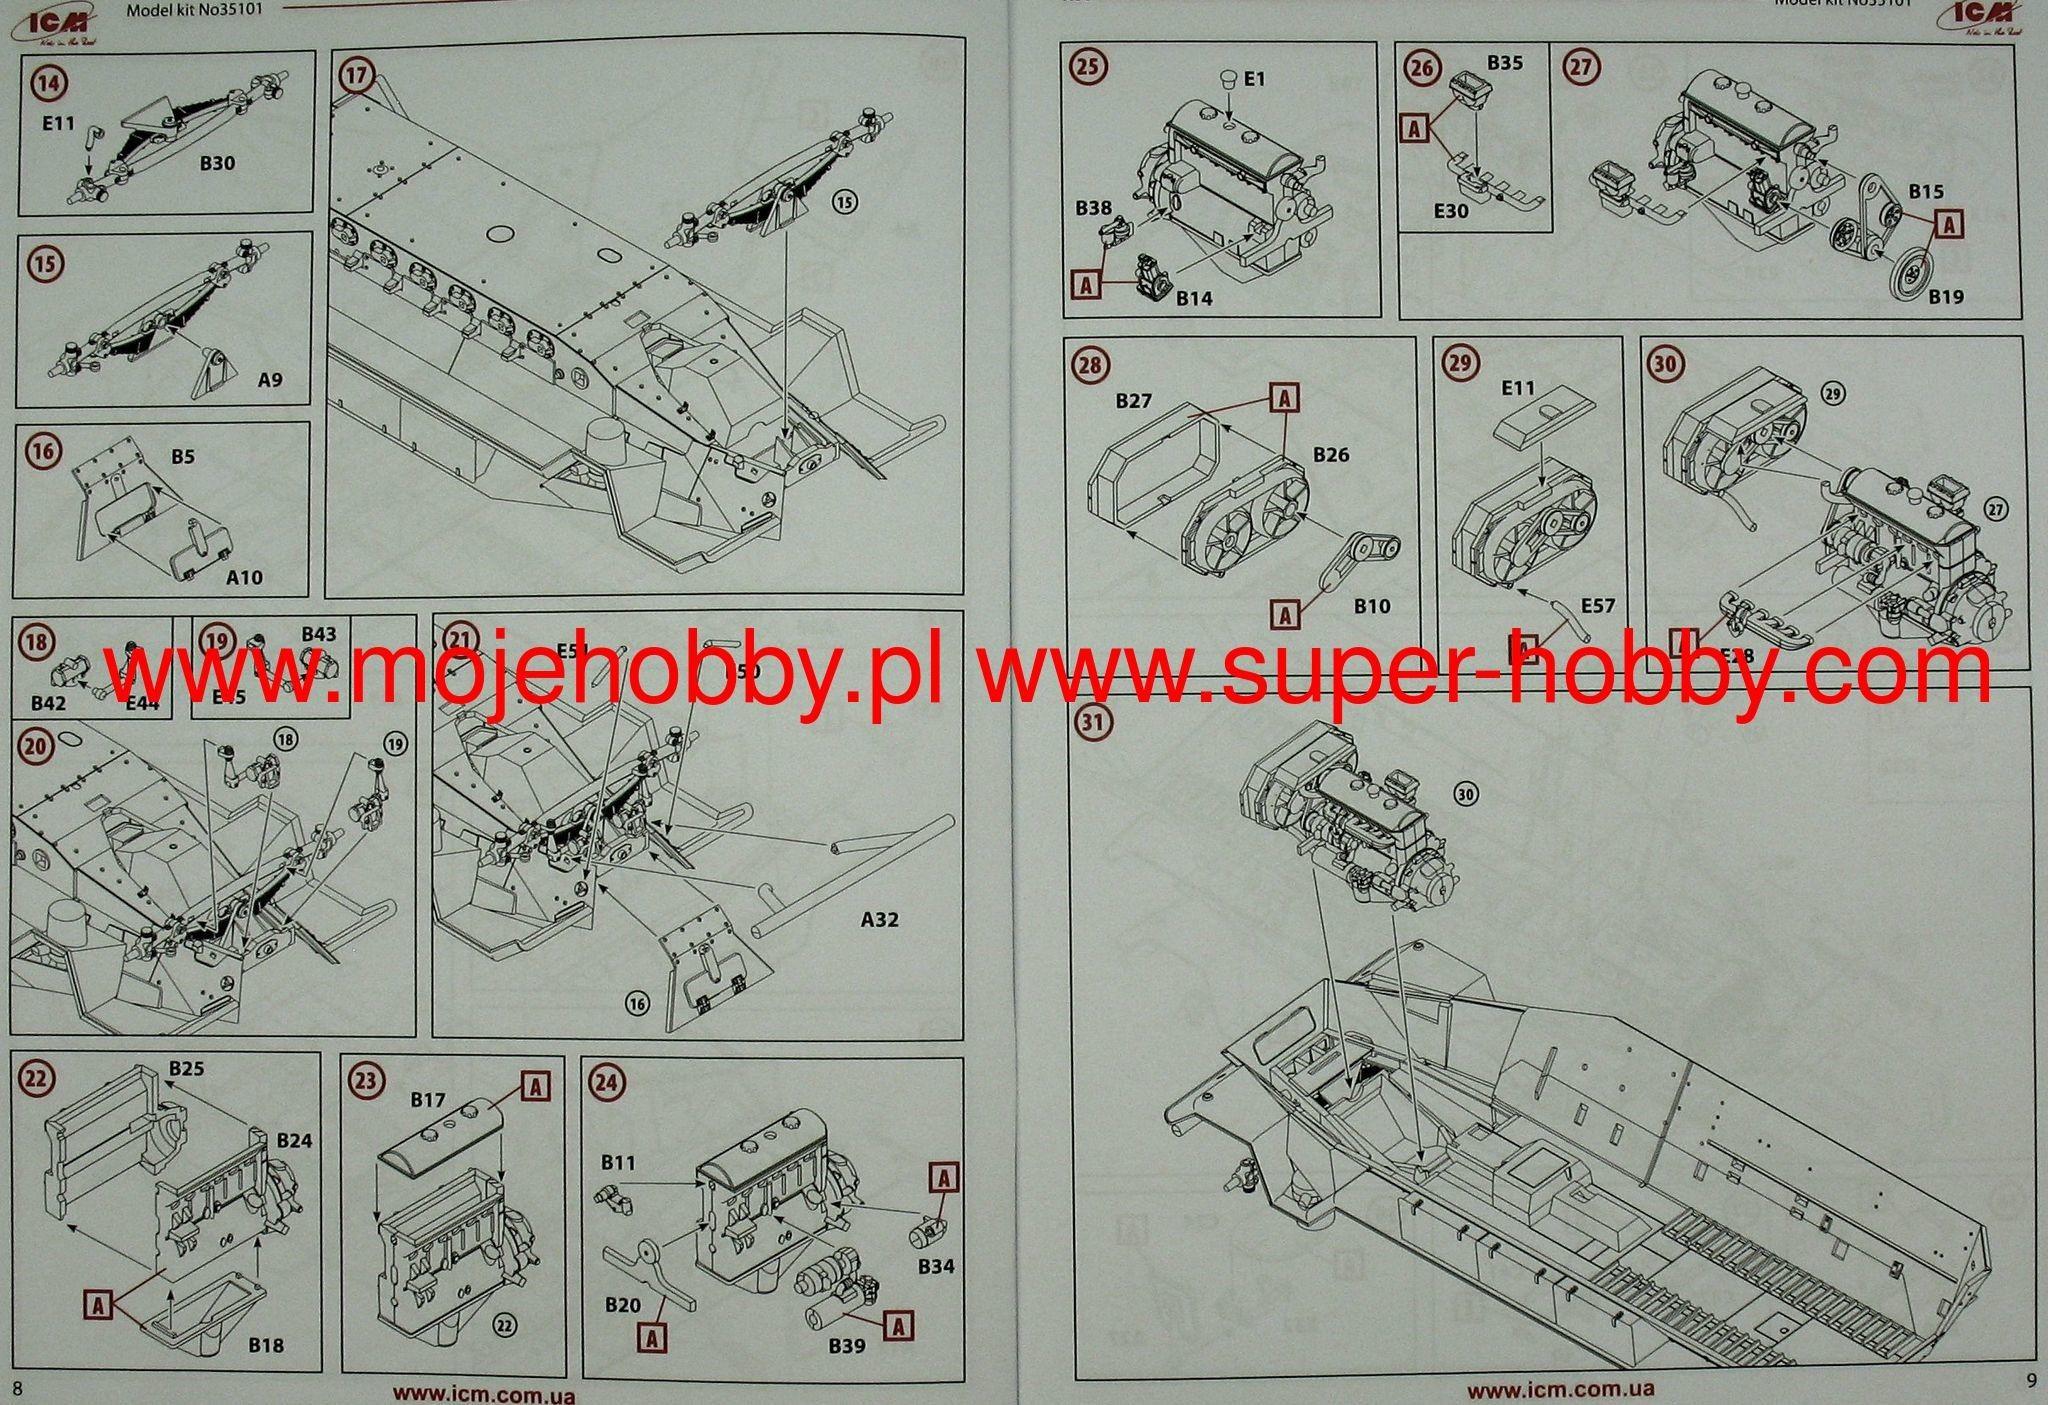 Automotive Wiring Diagram Online